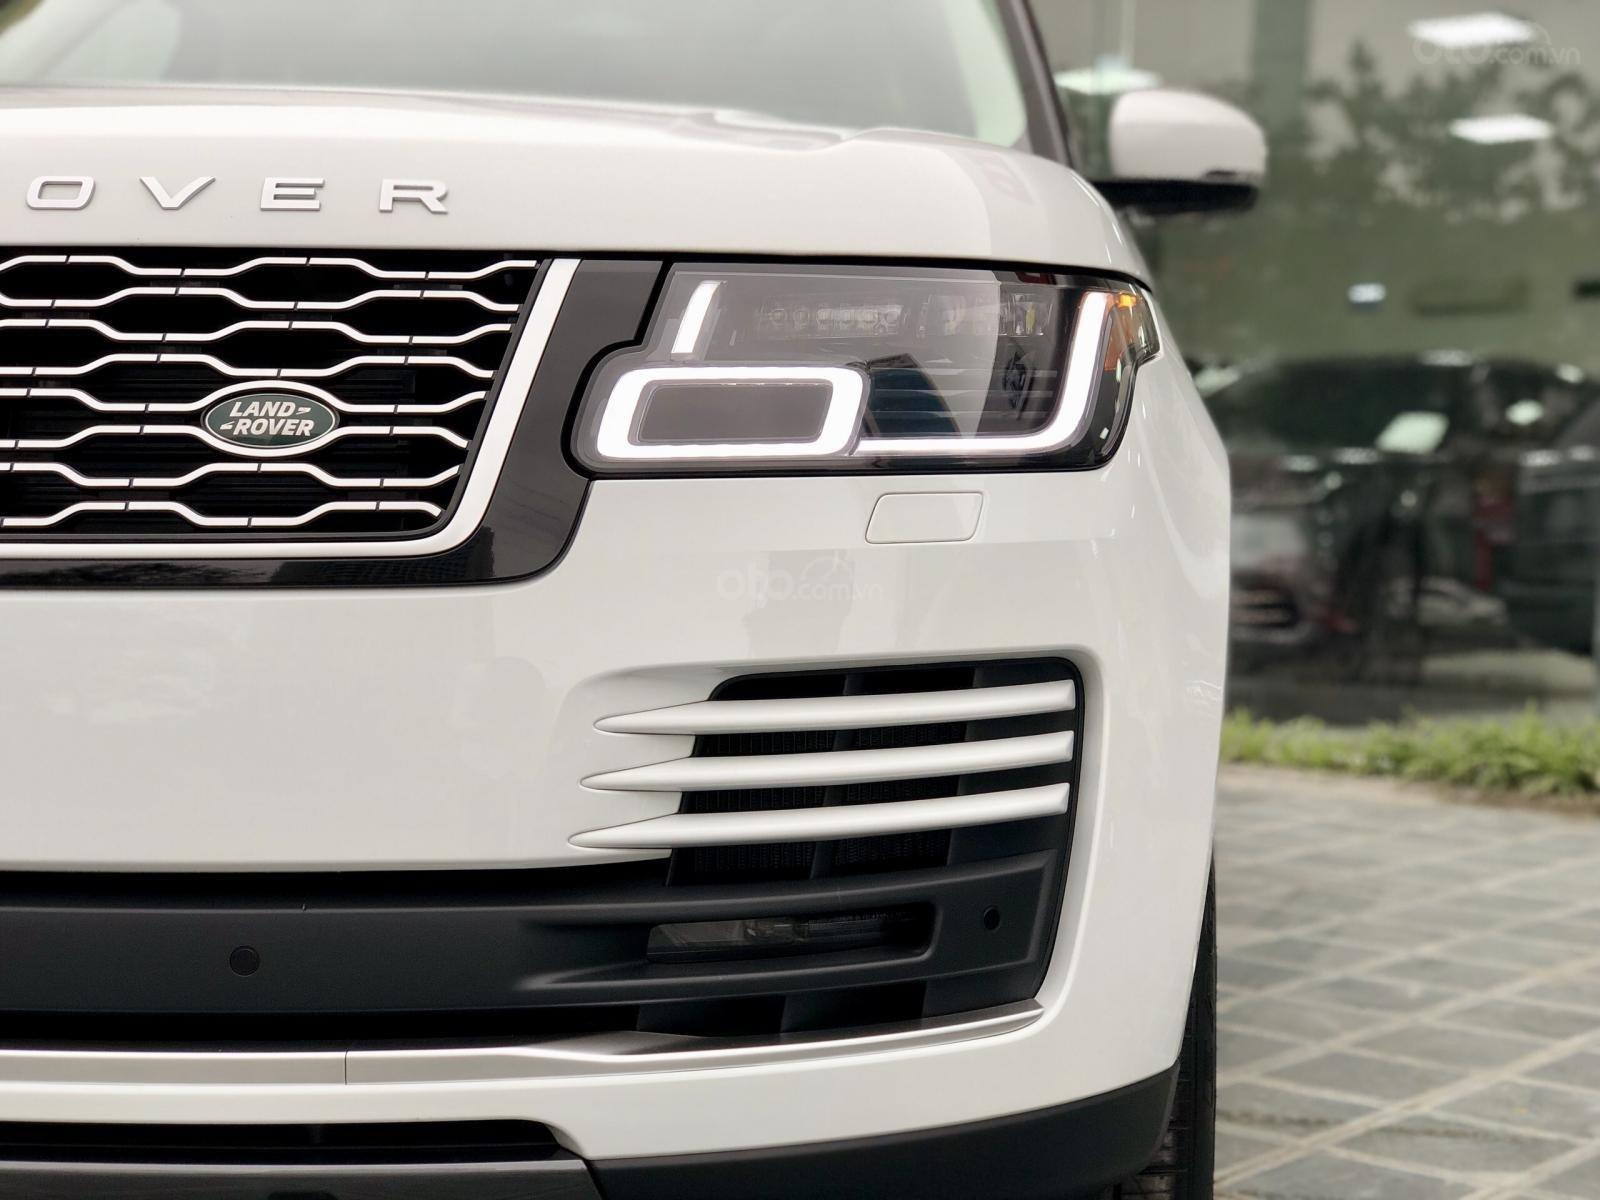 Bán LandRover Range Rover HSE 3.0 năm 2018, màu trắng, nhập khẩu, hỗ trợ ngân hàng 6 tỷ, call: 0914.868.198 (4)